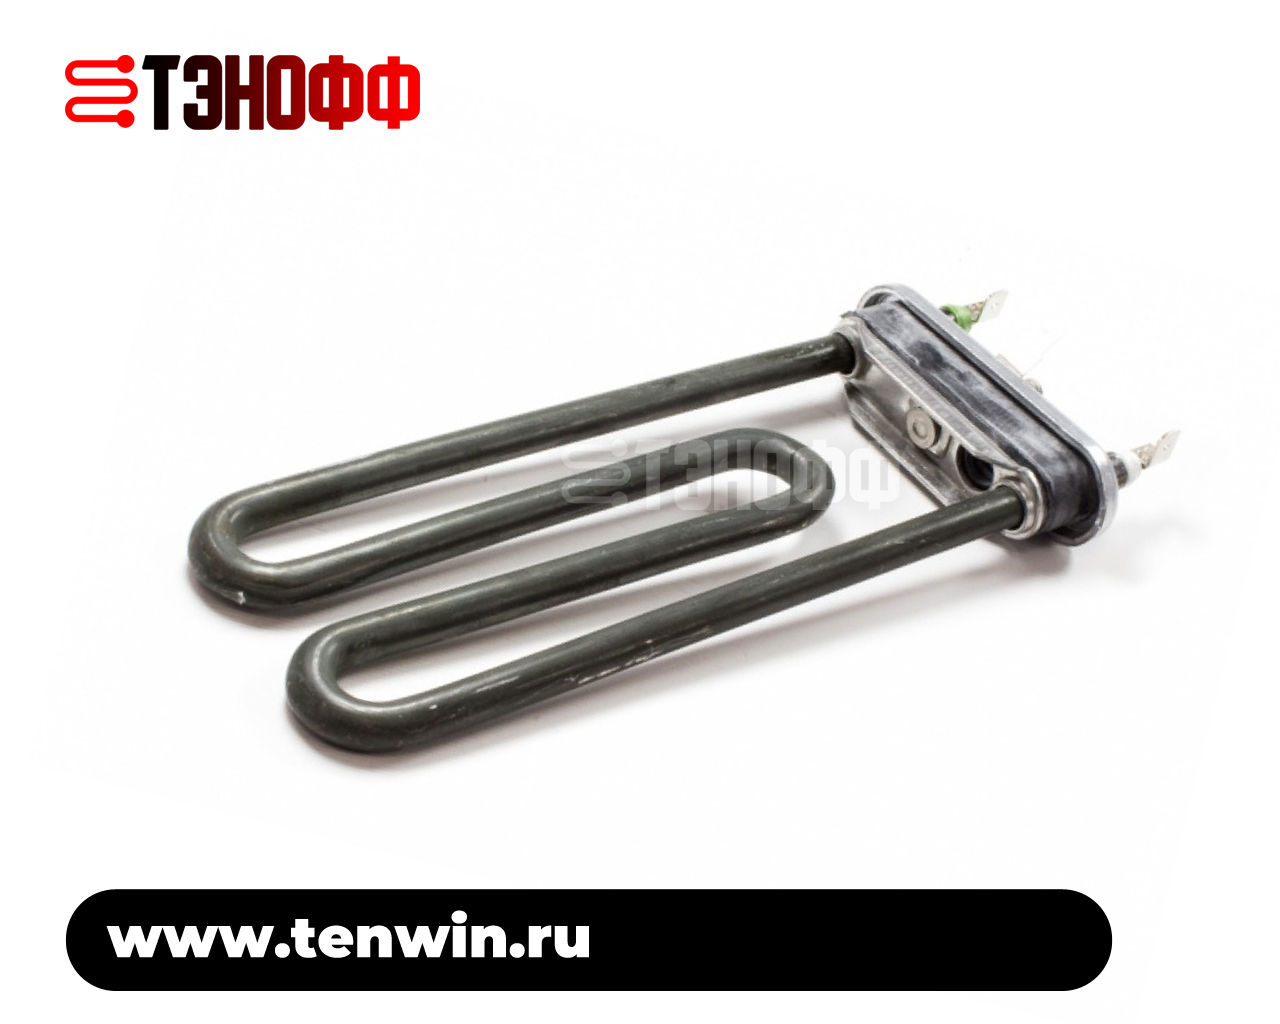 ТЭНы для стиральных машин Аристон и Индезит 1700Вт